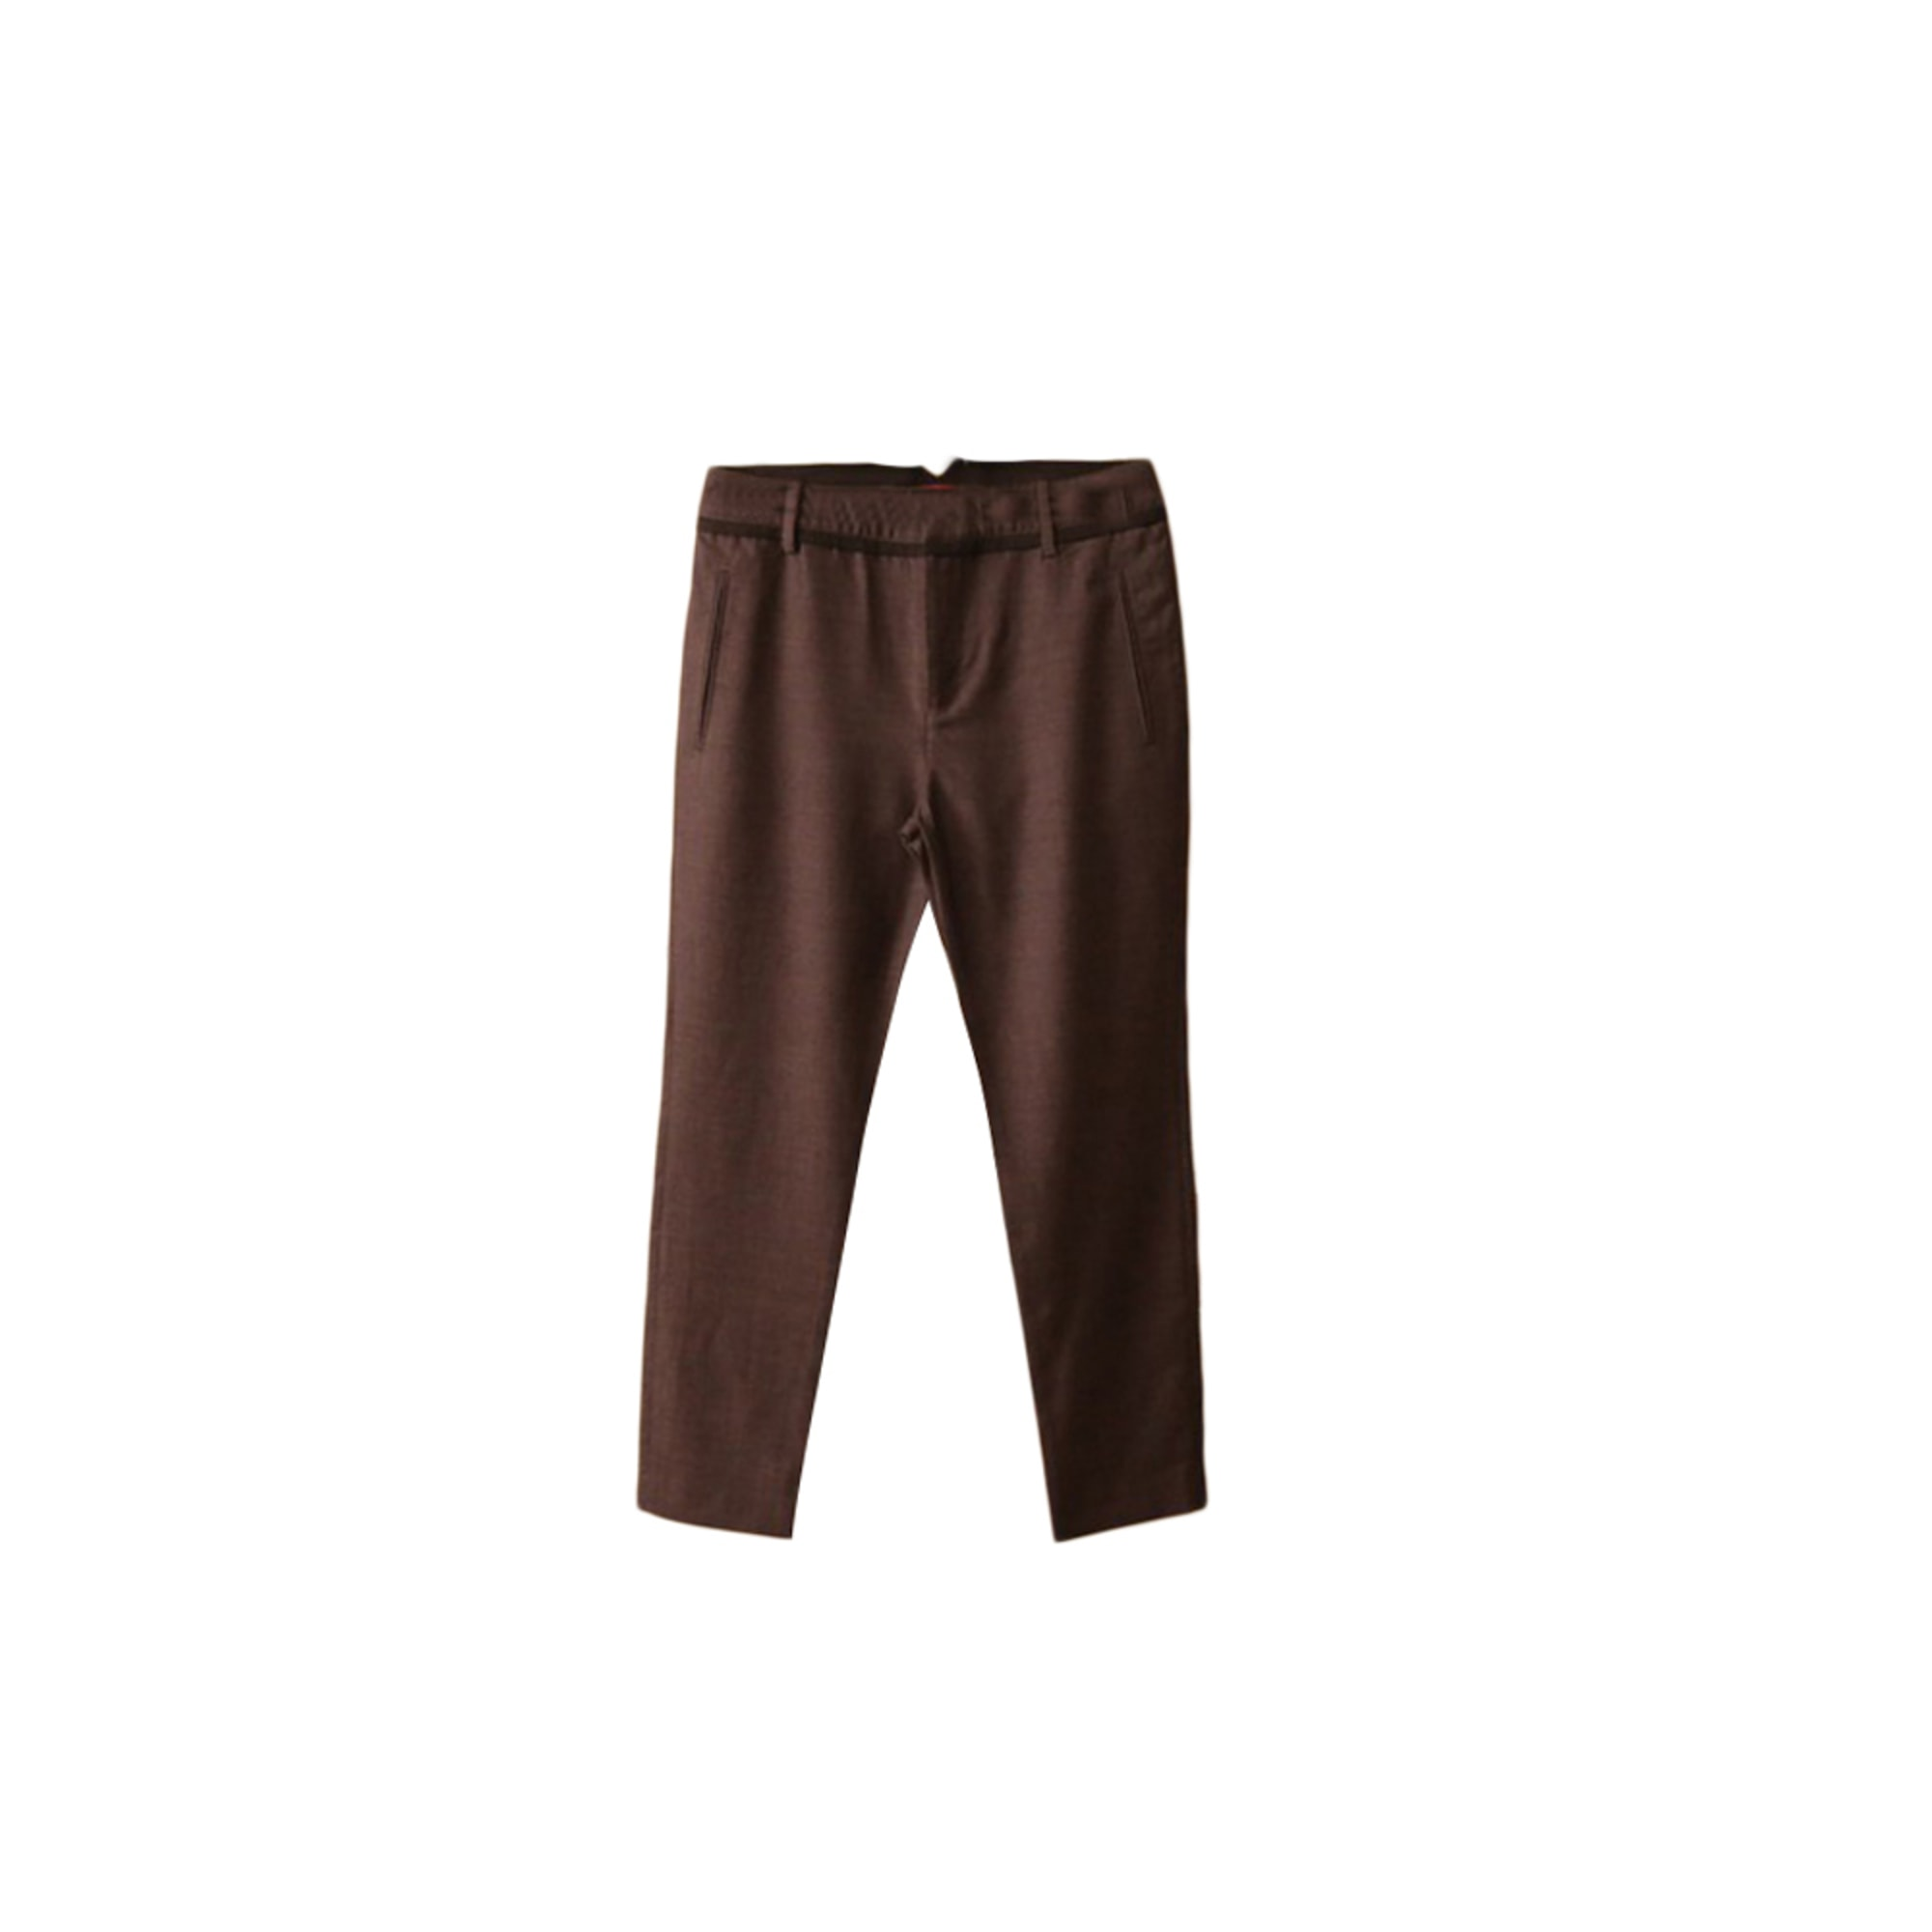 Pantalon slim, cigarette COMPTOIR DES COTONNIERS Gris, anthracite